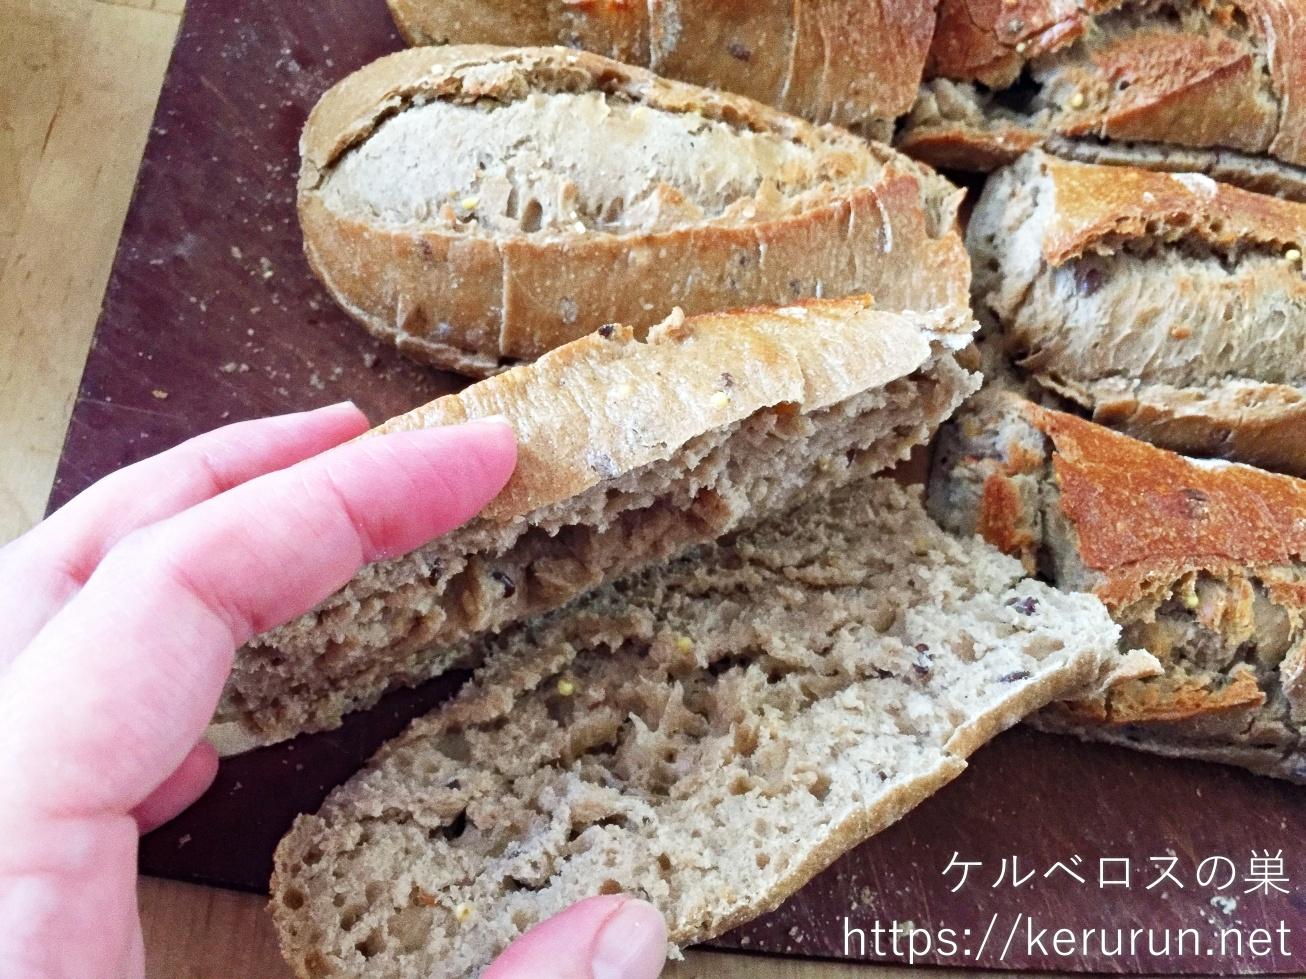 メニセーズのマルチグレインバゲットで作るサンドイッチ弁当